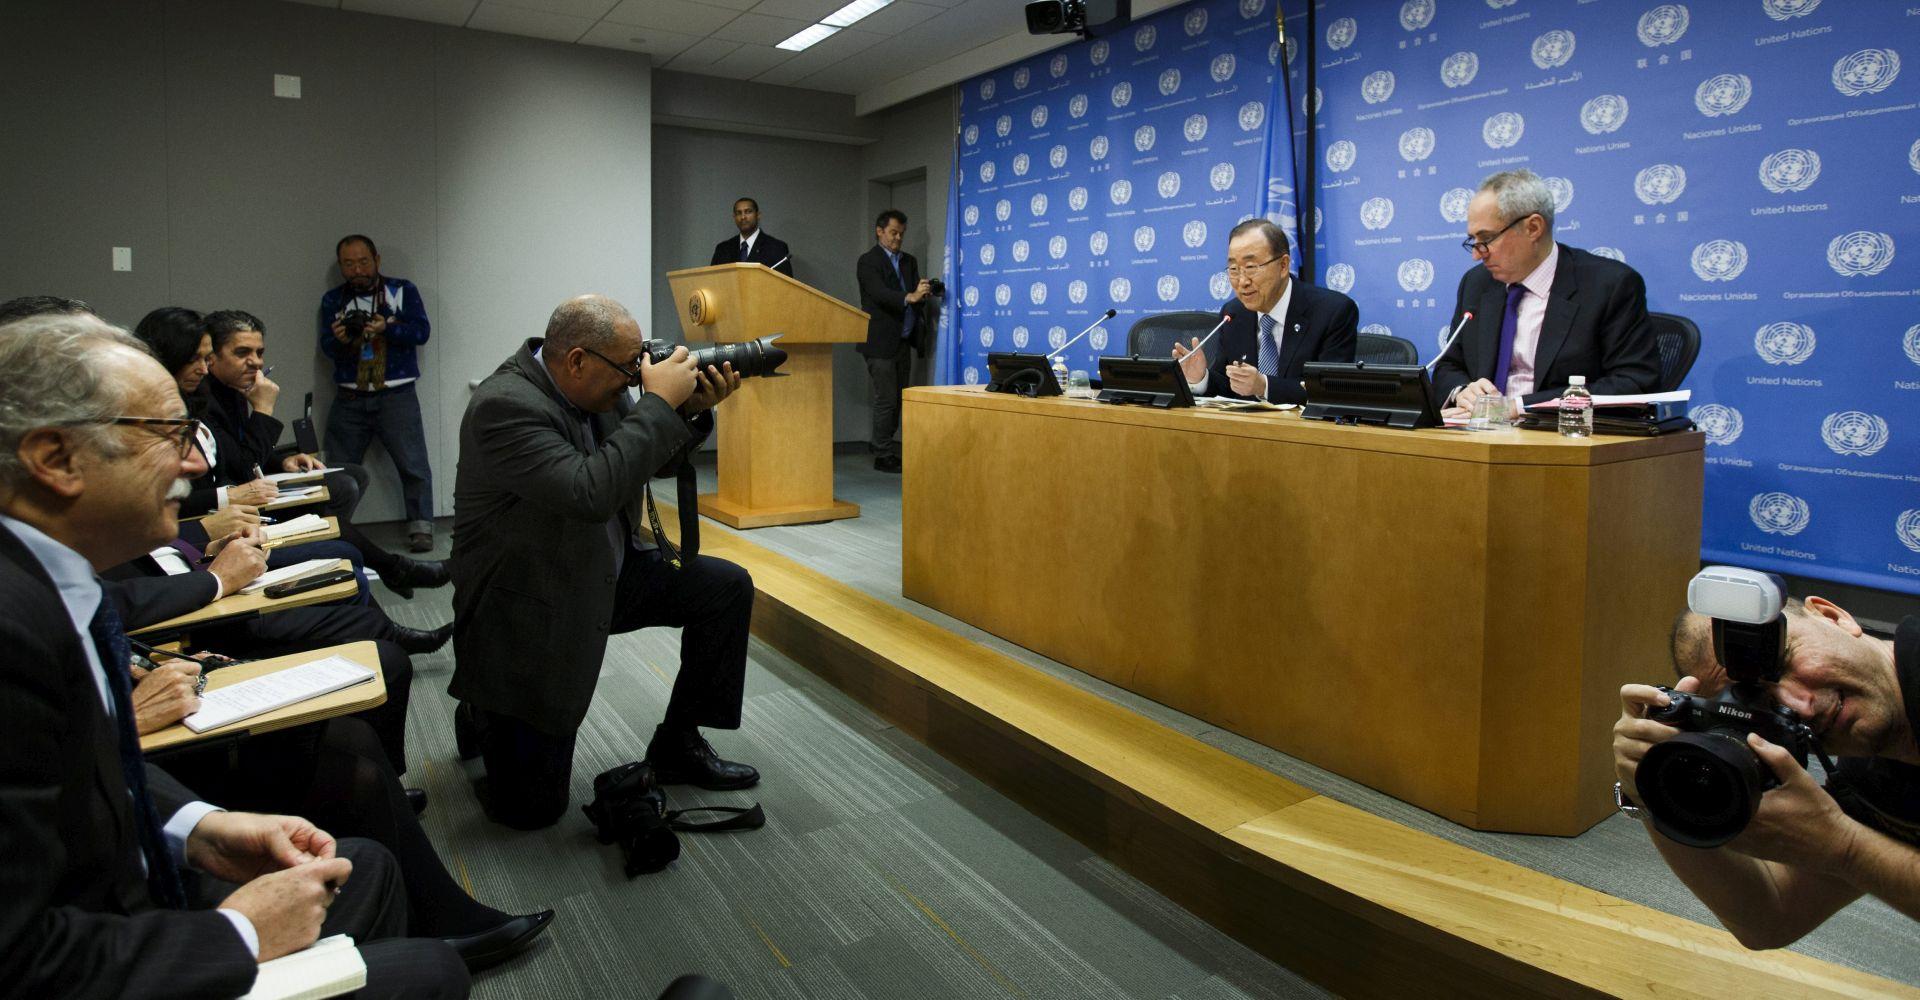 BAN KI-MOON: 'Osjećam se kao Pepeljuga'